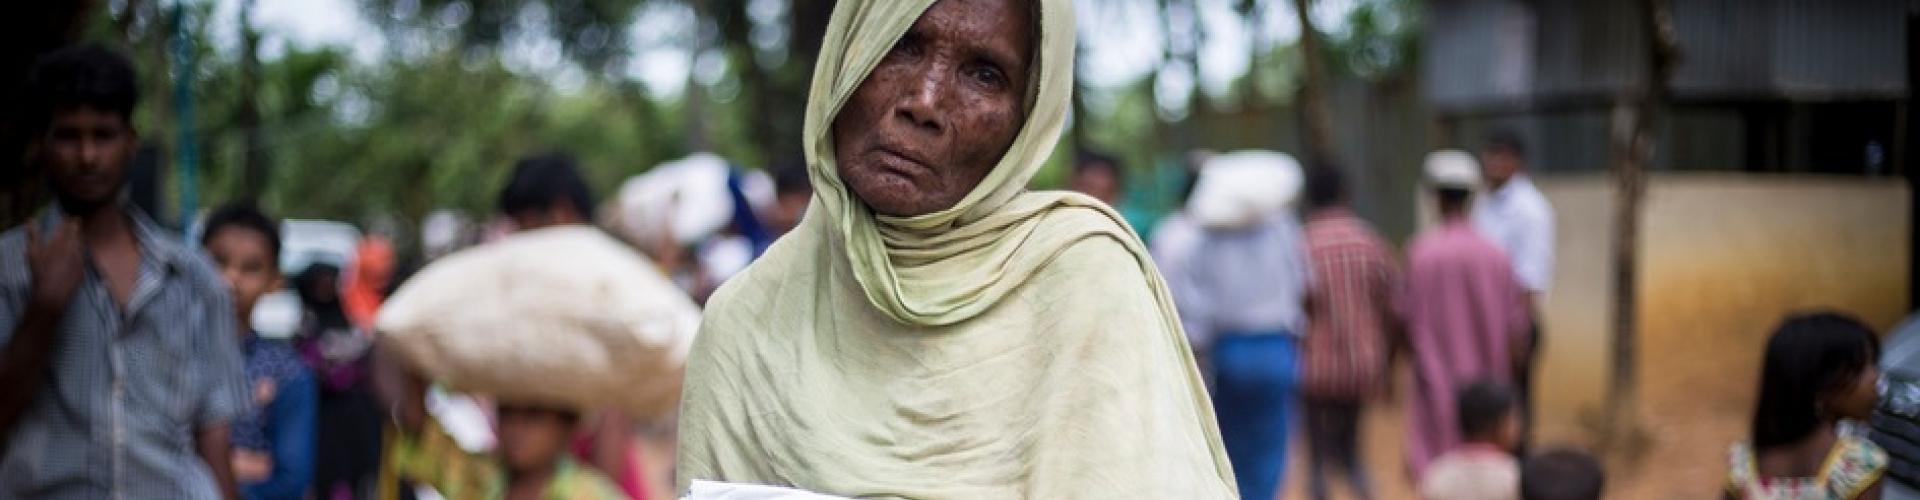 การขนย้ายผู้ลี้ภัยออกจากเขตมรสุมในประเทศบังคลาเทศ